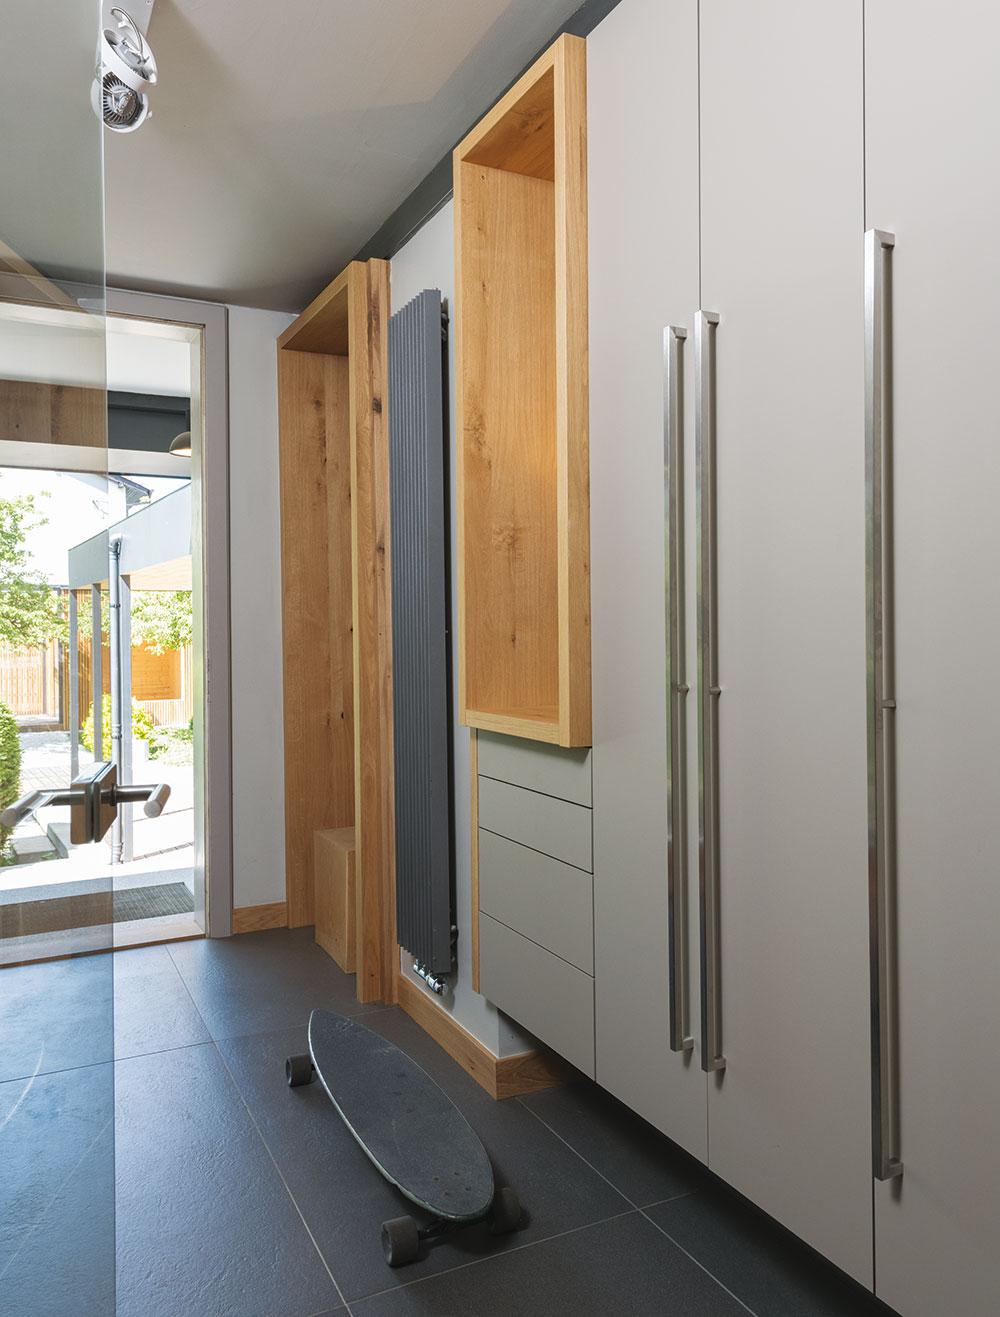 Větší plocha šedé barvy, jako vtomto případě na podlaze ašatní skříni, muže působit stroze achladně. Použití světlého dřeva dokonale vyváží tento dojem.FOTO IVETA KOPICOVÁ